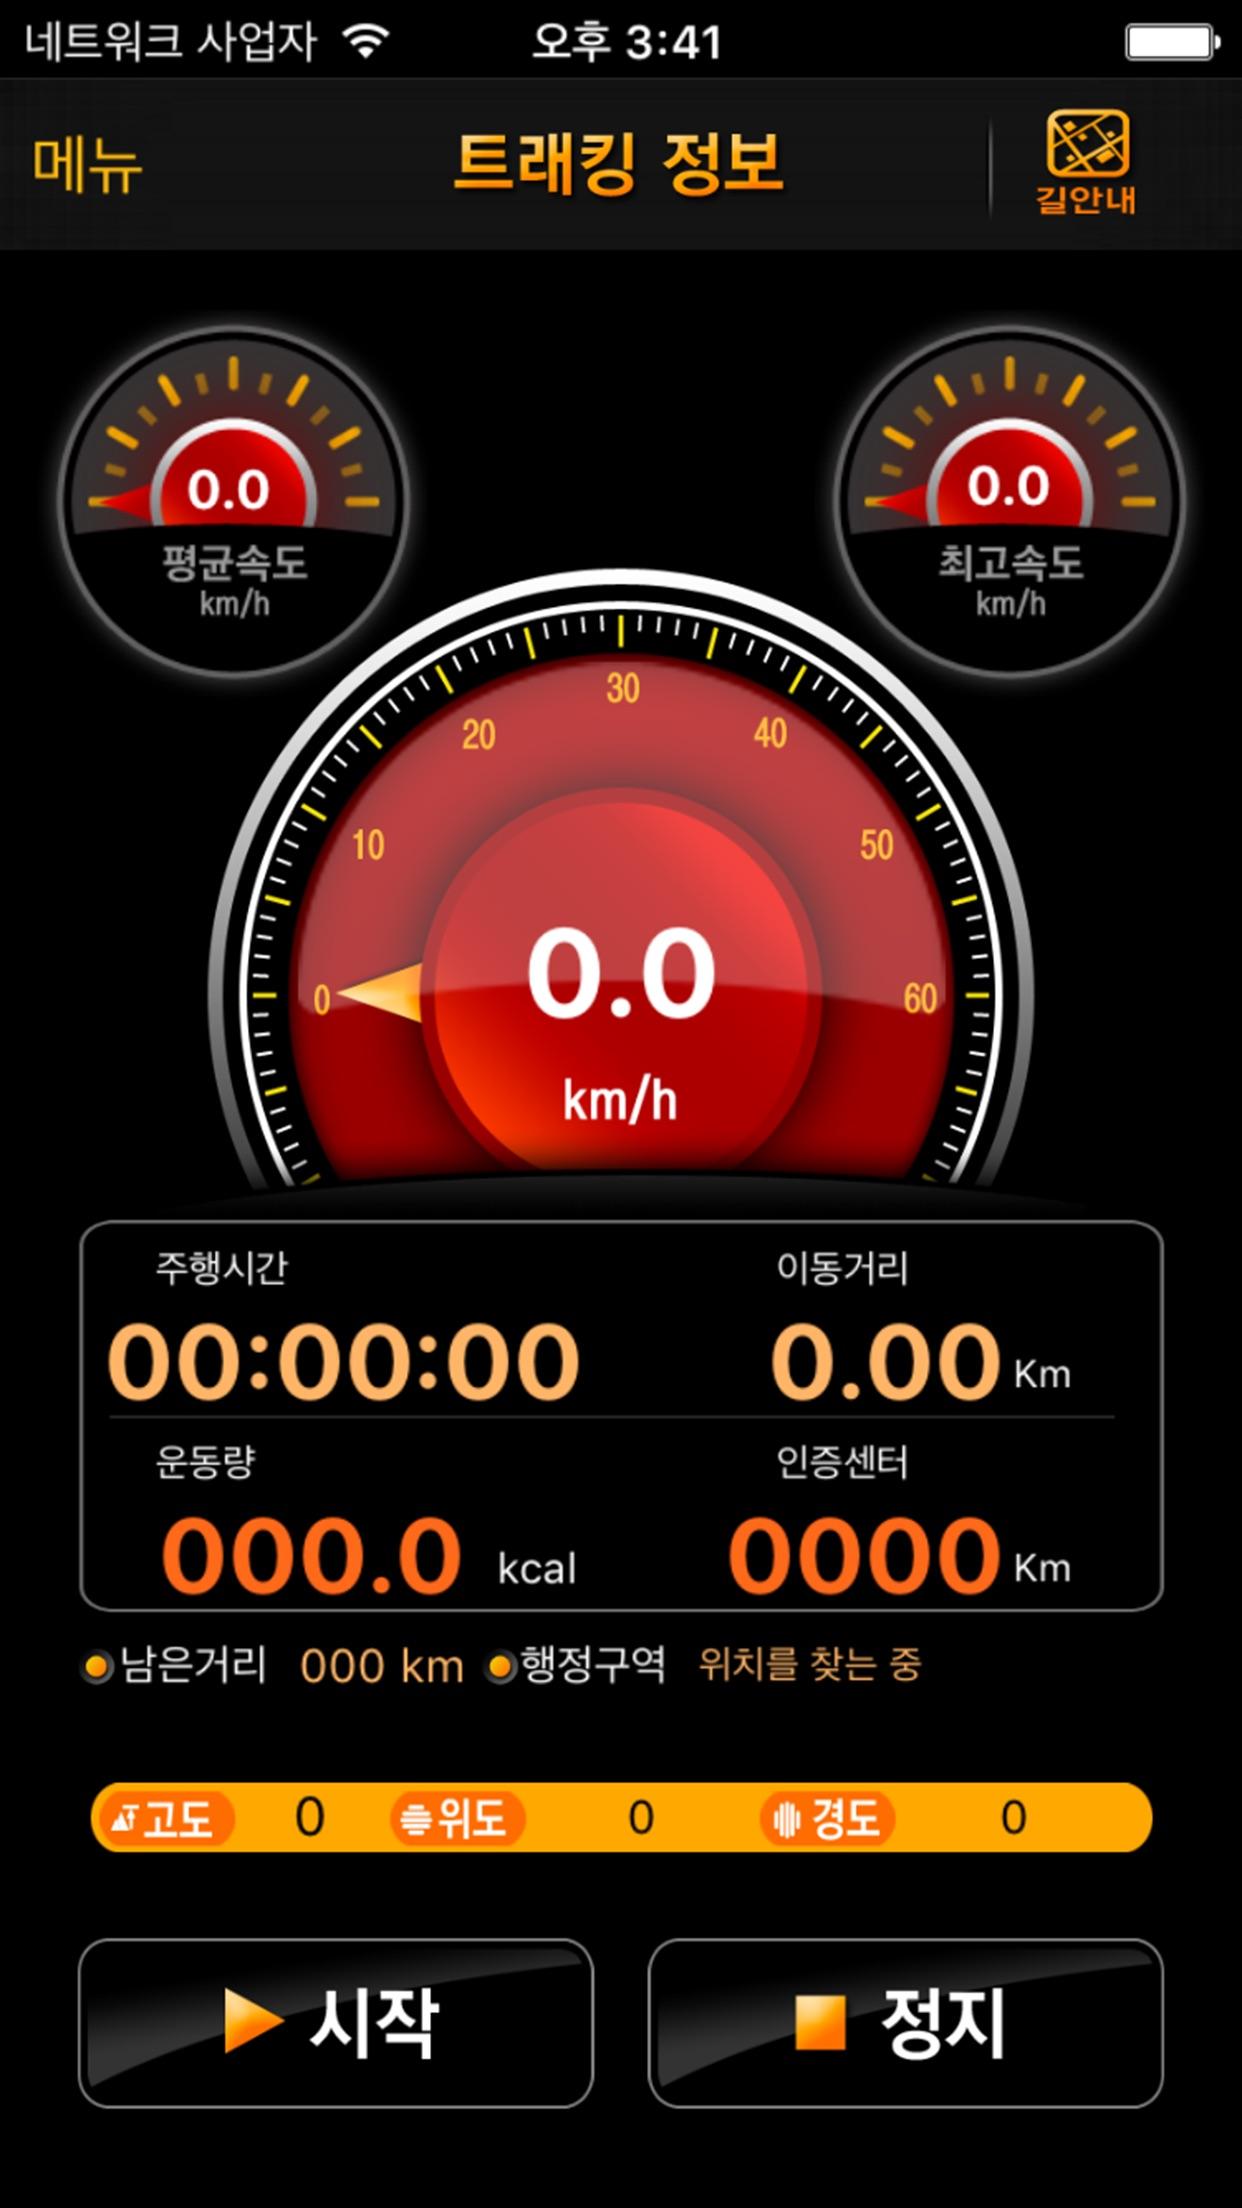 자전거 행복나눔 Screenshot